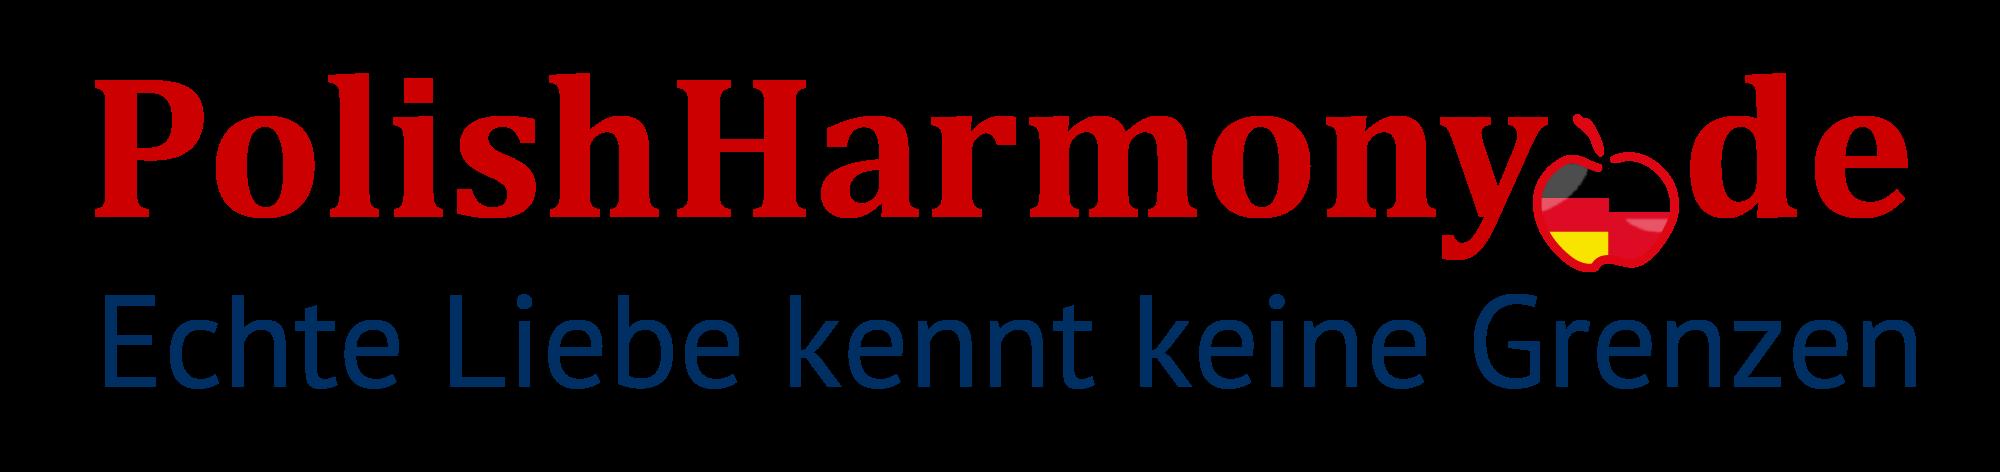 Polish Harmony logo